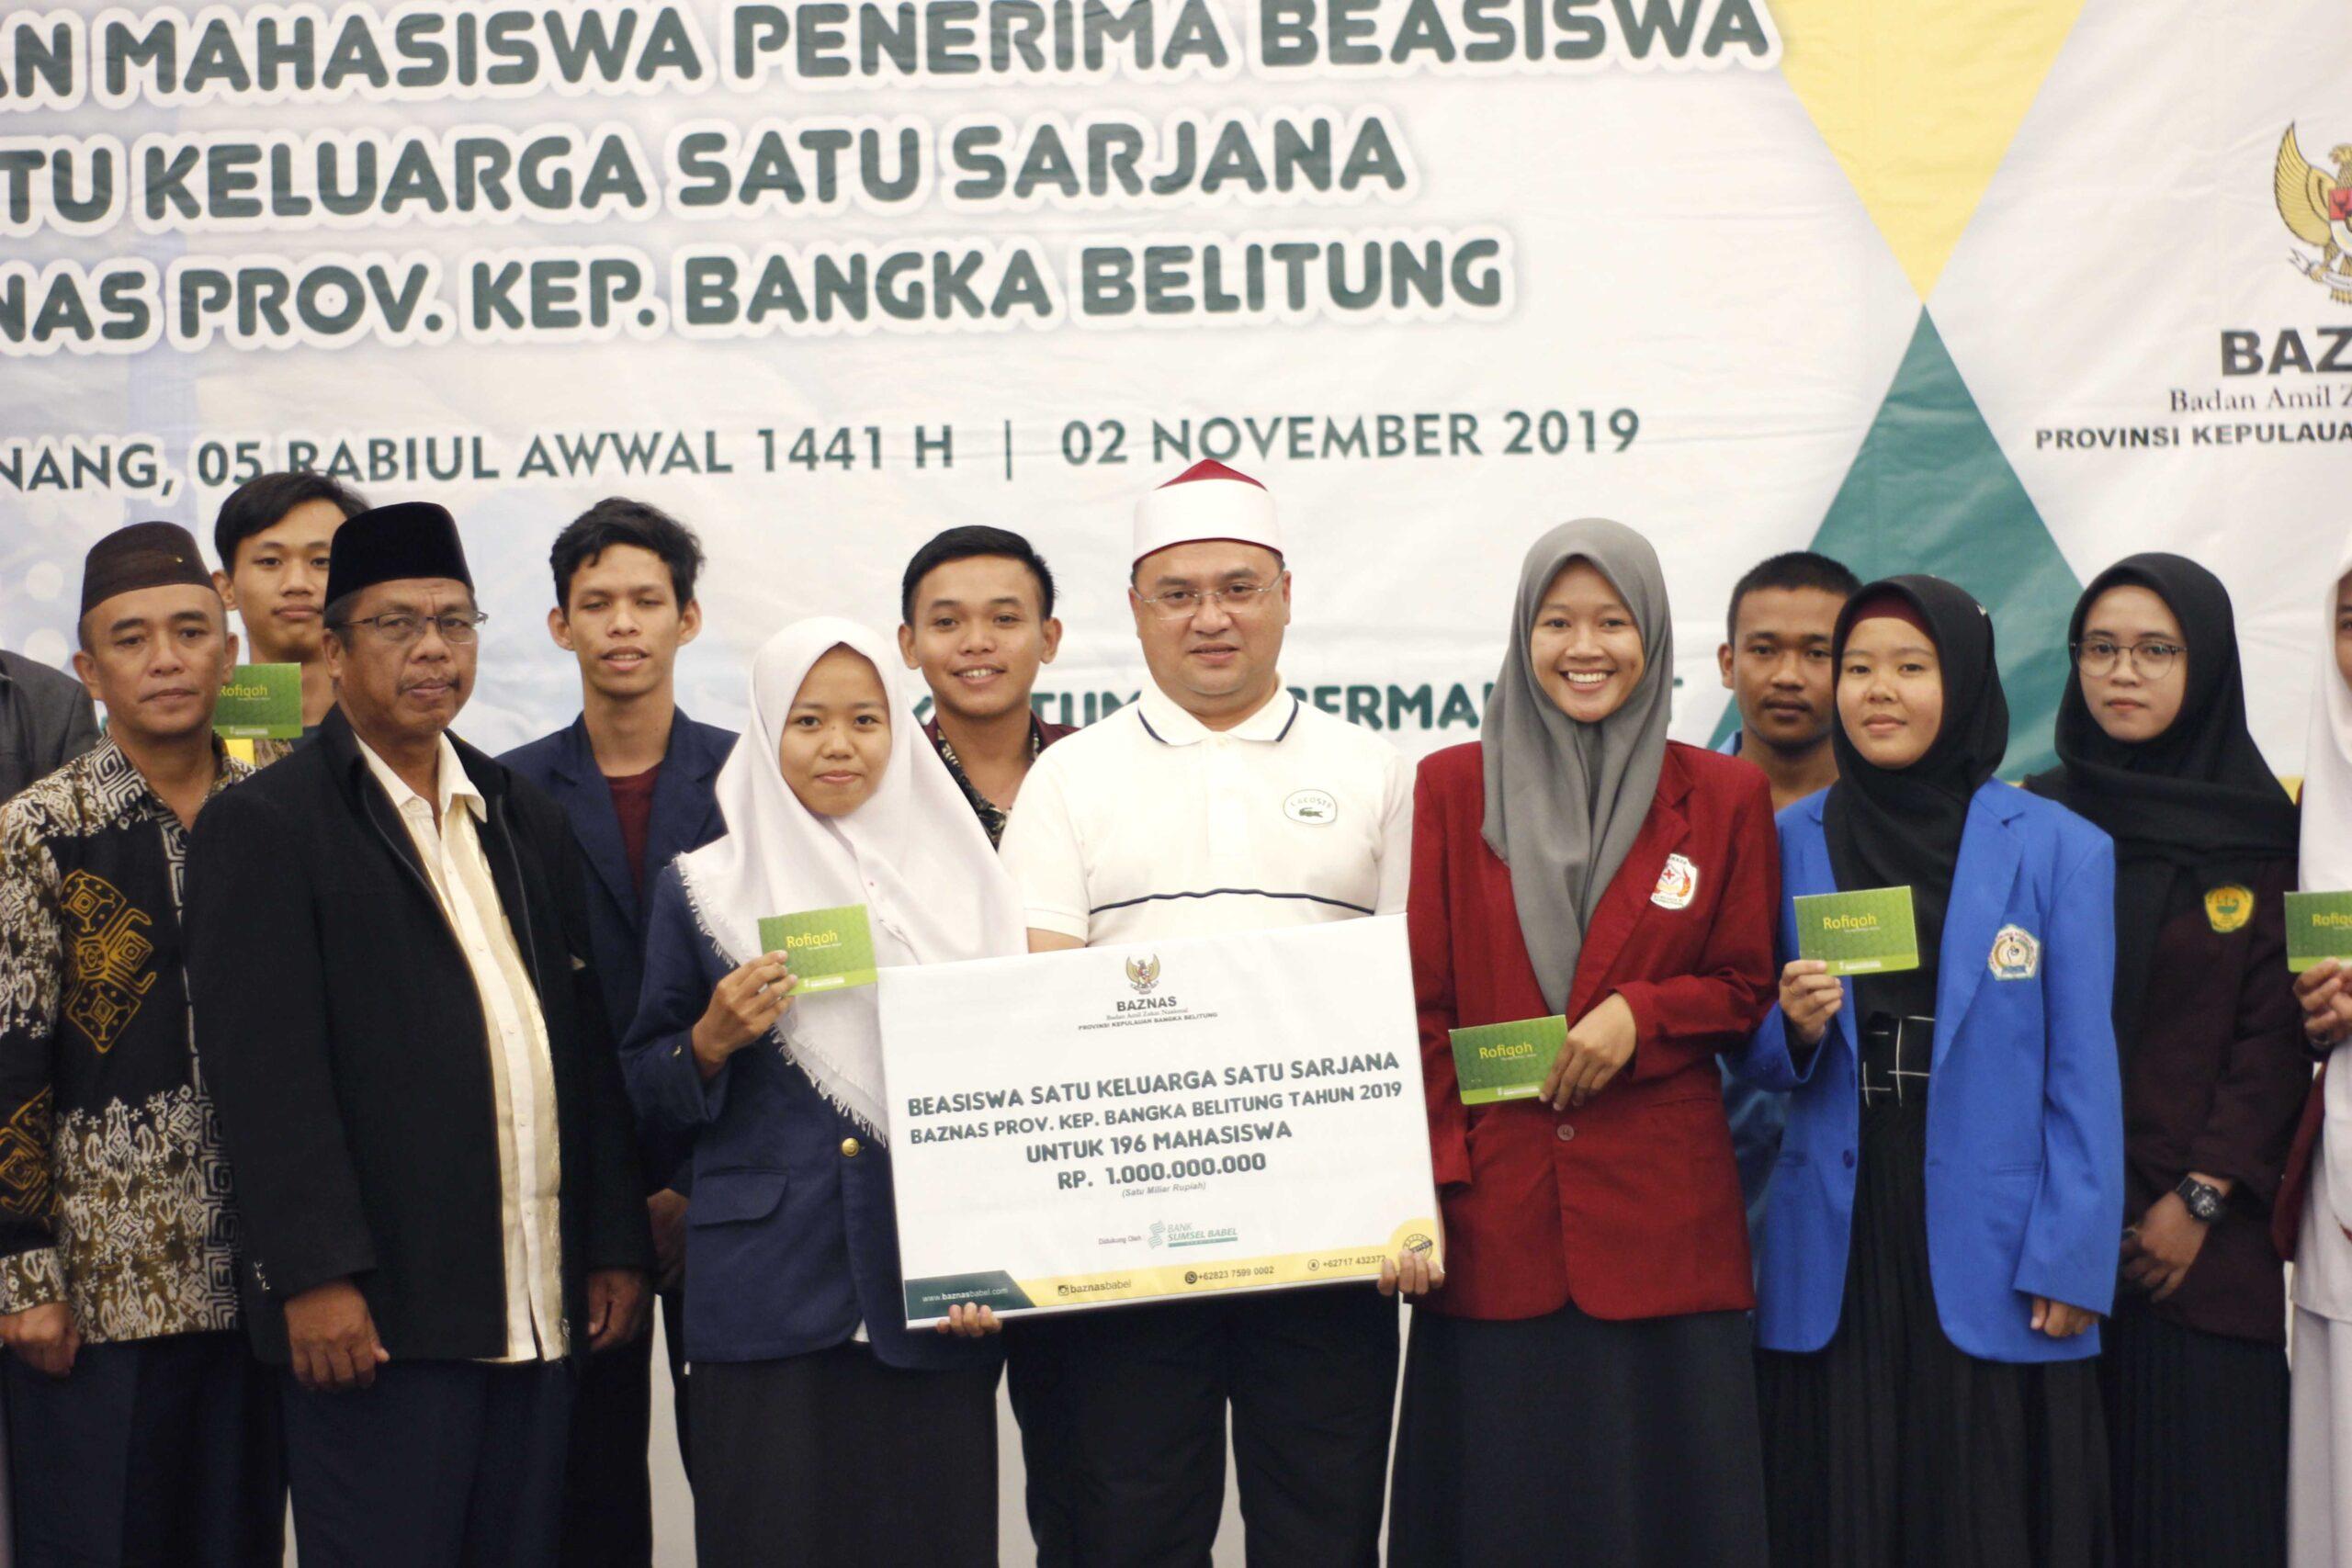 BAZNAS Serahkan Beasiswa kepada 196 Mahasiswa Perguruan Tinggi di Bangka Belitung